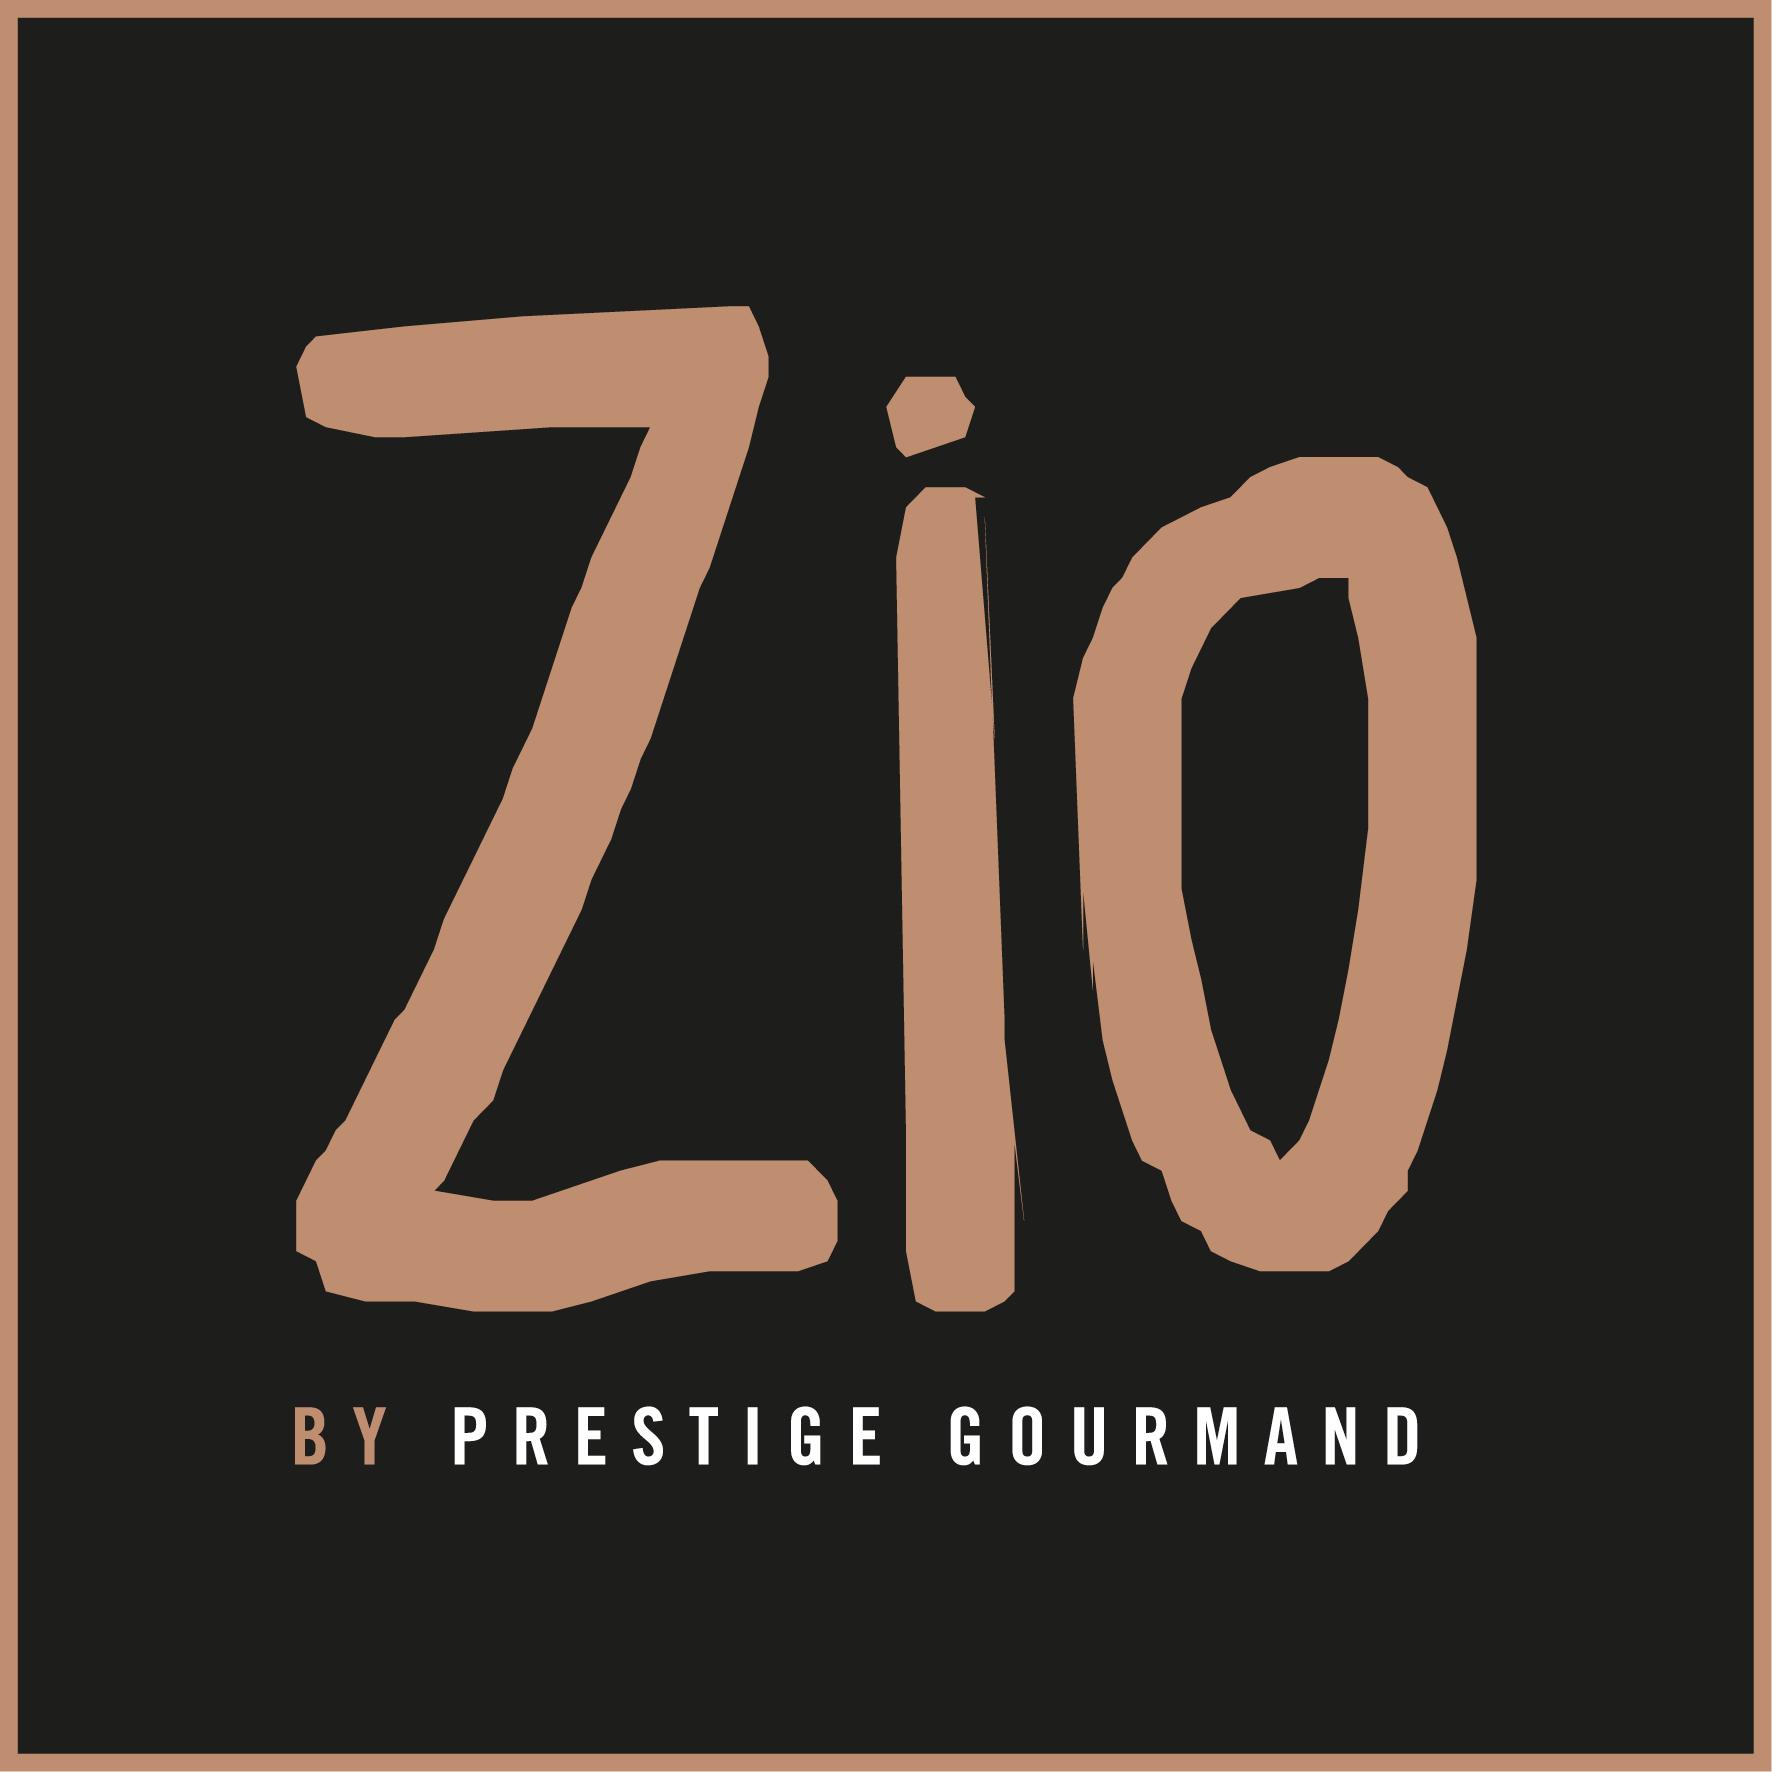 Zio restaurant